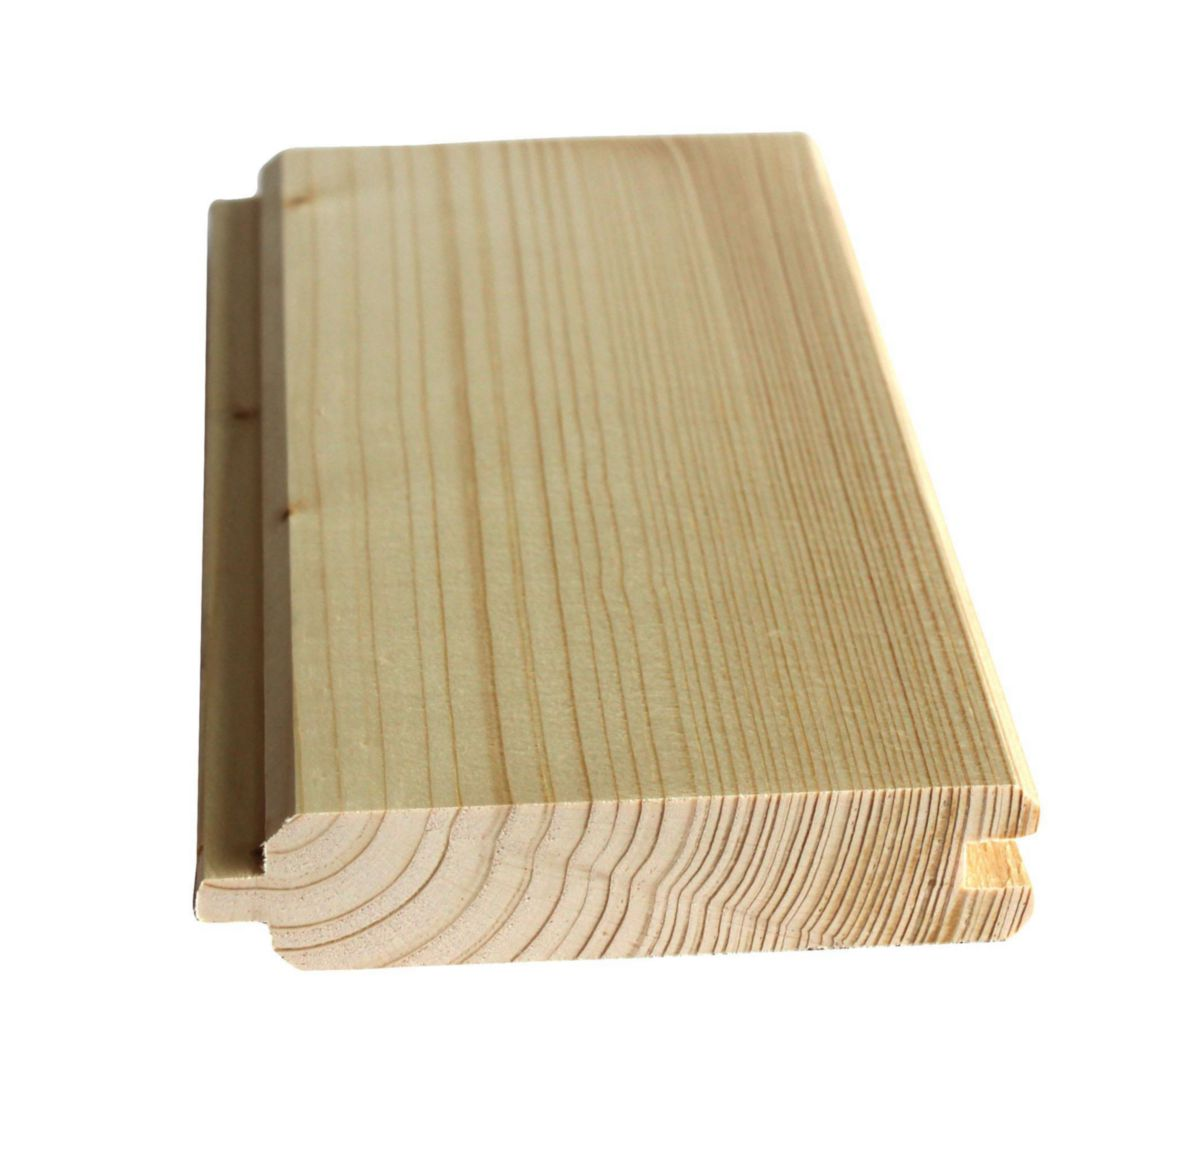 mocopinus lame volet bois du nord 16 4xgrain d 39 orge. Black Bedroom Furniture Sets. Home Design Ideas